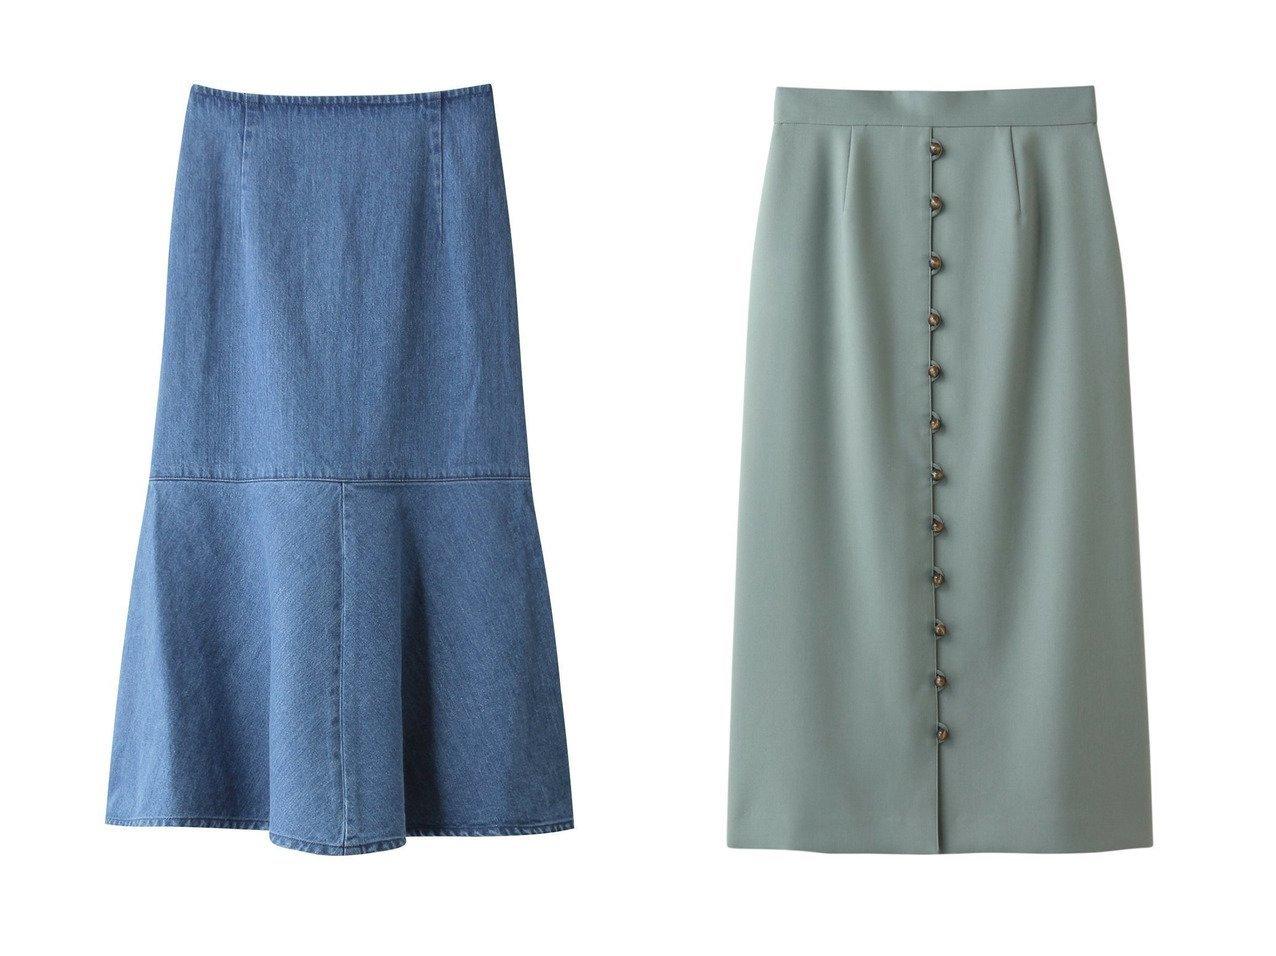 【Whim Gazette/ウィムガゼット】のデニムフレアスカート&【LE CIEL BLEU/ルシェル ブルー】のボールボタンスカート スカートのおすすめ!人気トレンド・レディースファッションの通販 おすすめで人気の流行・トレンド、ファッションの通販商品 メンズファッション・キッズファッション・インテリア・家具・レディースファッション・服の通販 founy(ファニー) https://founy.com/ ファッション Fashion レディースファッション WOMEN スカート Skirt Aライン/フレアスカート Flared A-Line Skirts ロングスカート Long Skirt デニム ペプラム マーメイド ロング |ID:crp329100000008770